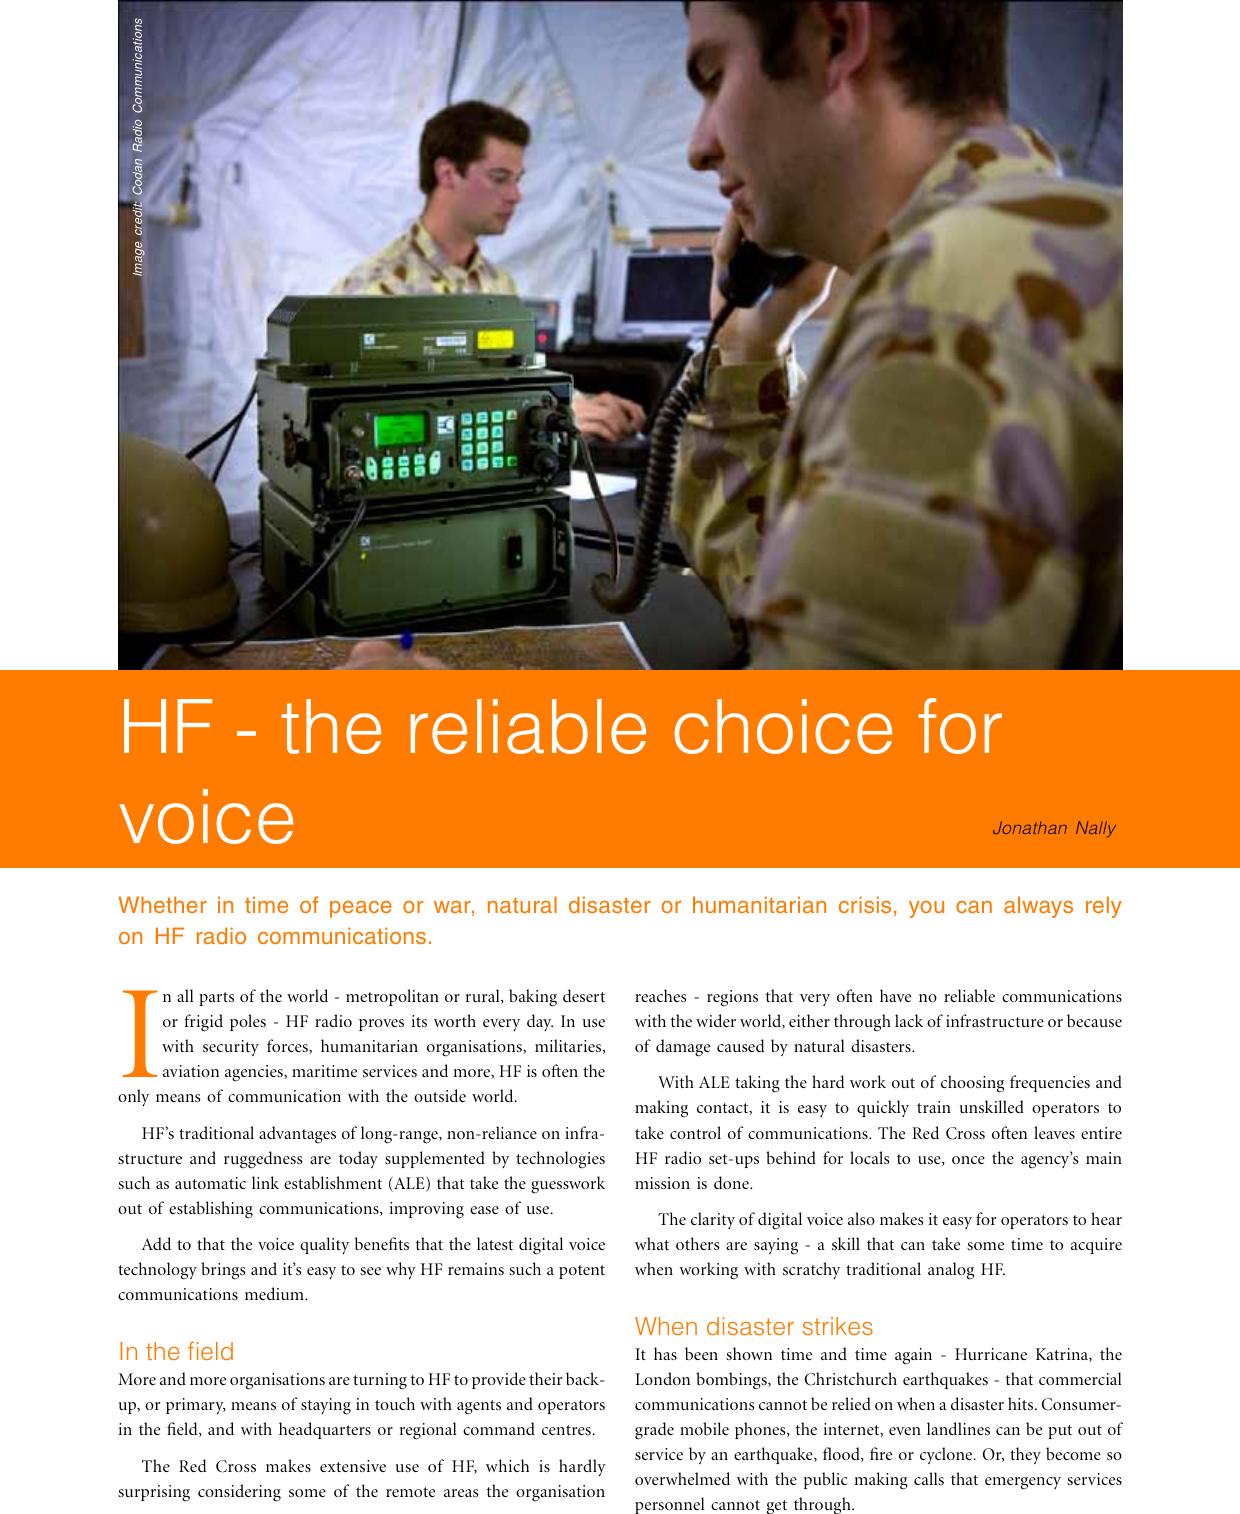 Long Range Digital Radio (LRDR) The Case For HF White Paper